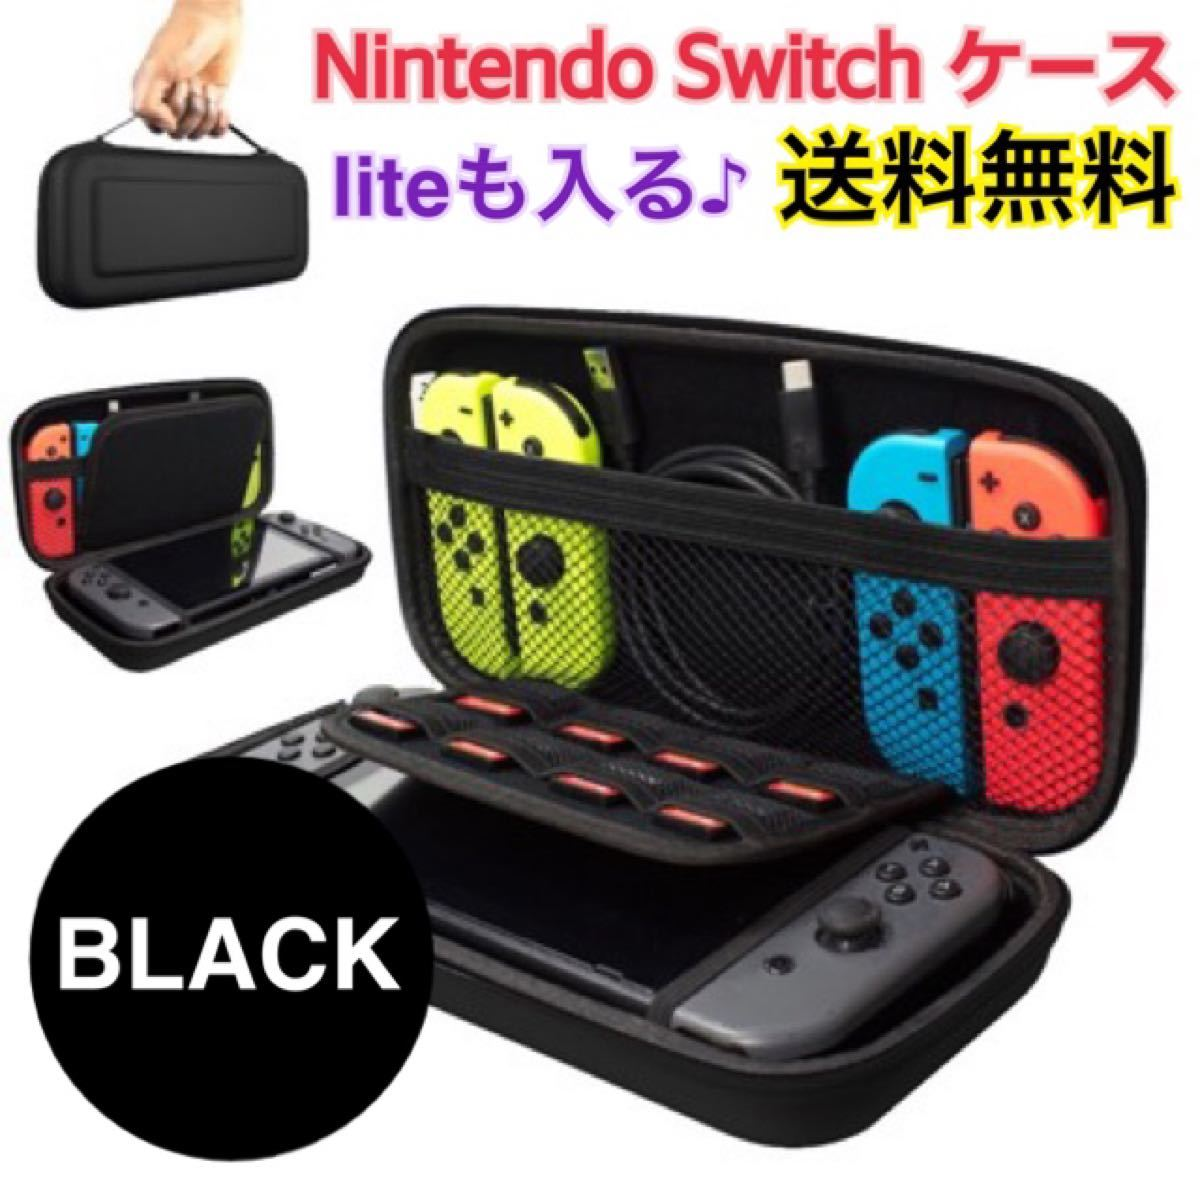 ニンテンドー スイッチ ケース 黒 switch lite ライト